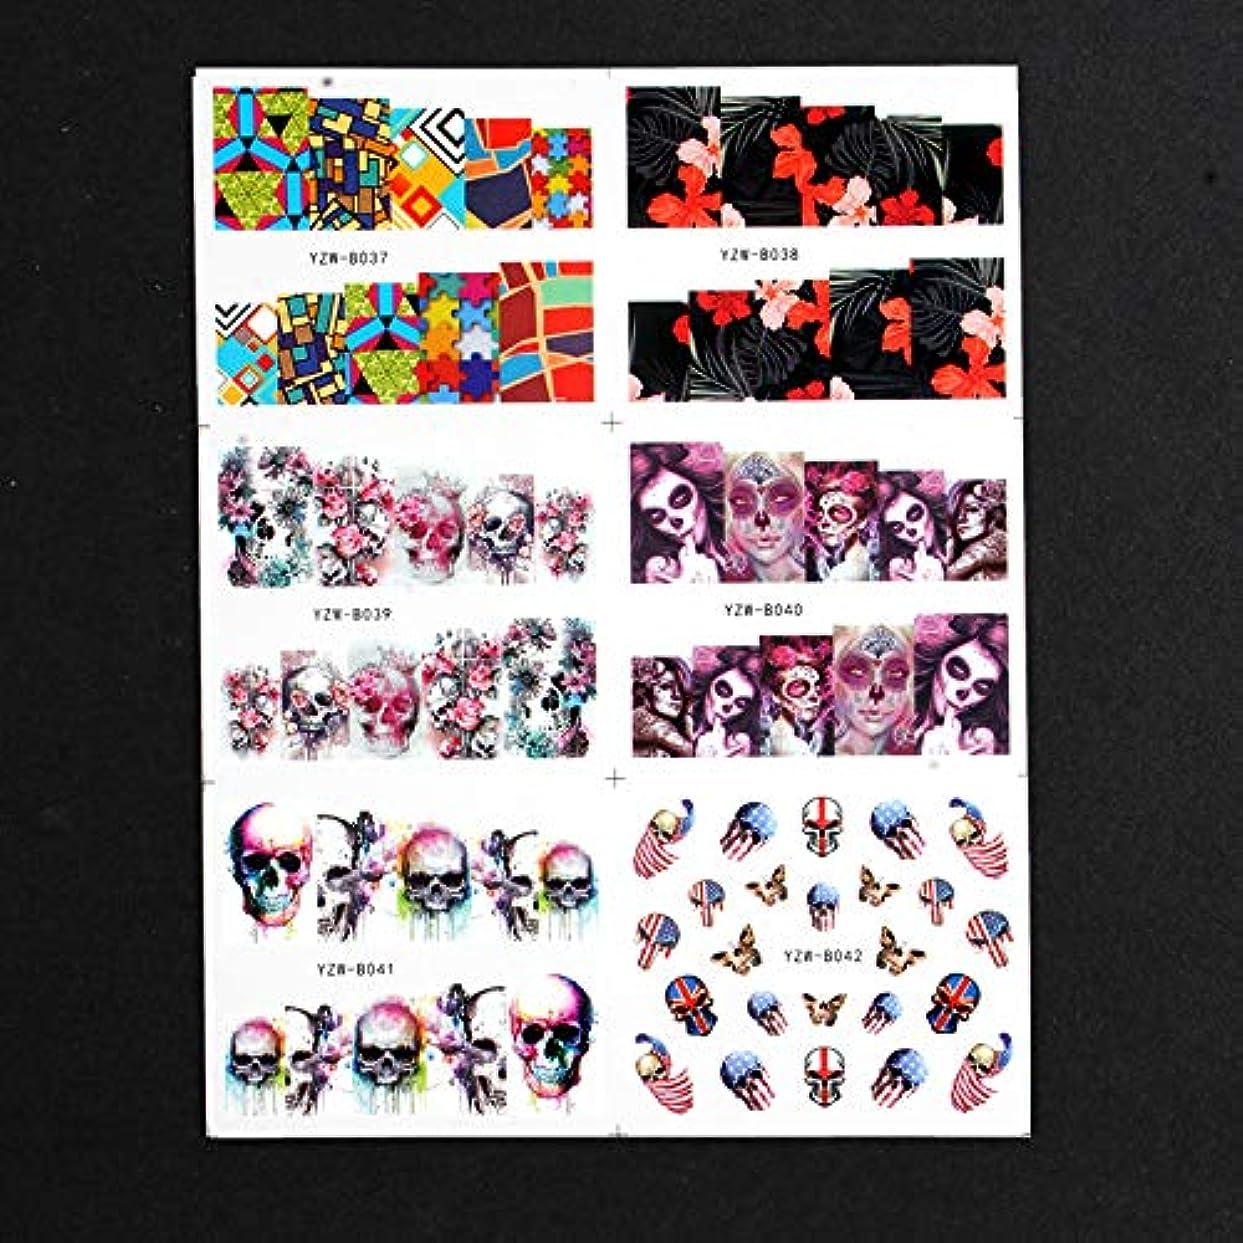 本を読む戸棚自我SUKTI&XIAO ネイルステッカー 48デザインネイルアートステッカースタイルデカールデコレーションマニキュアDiyスタイリングラップツール